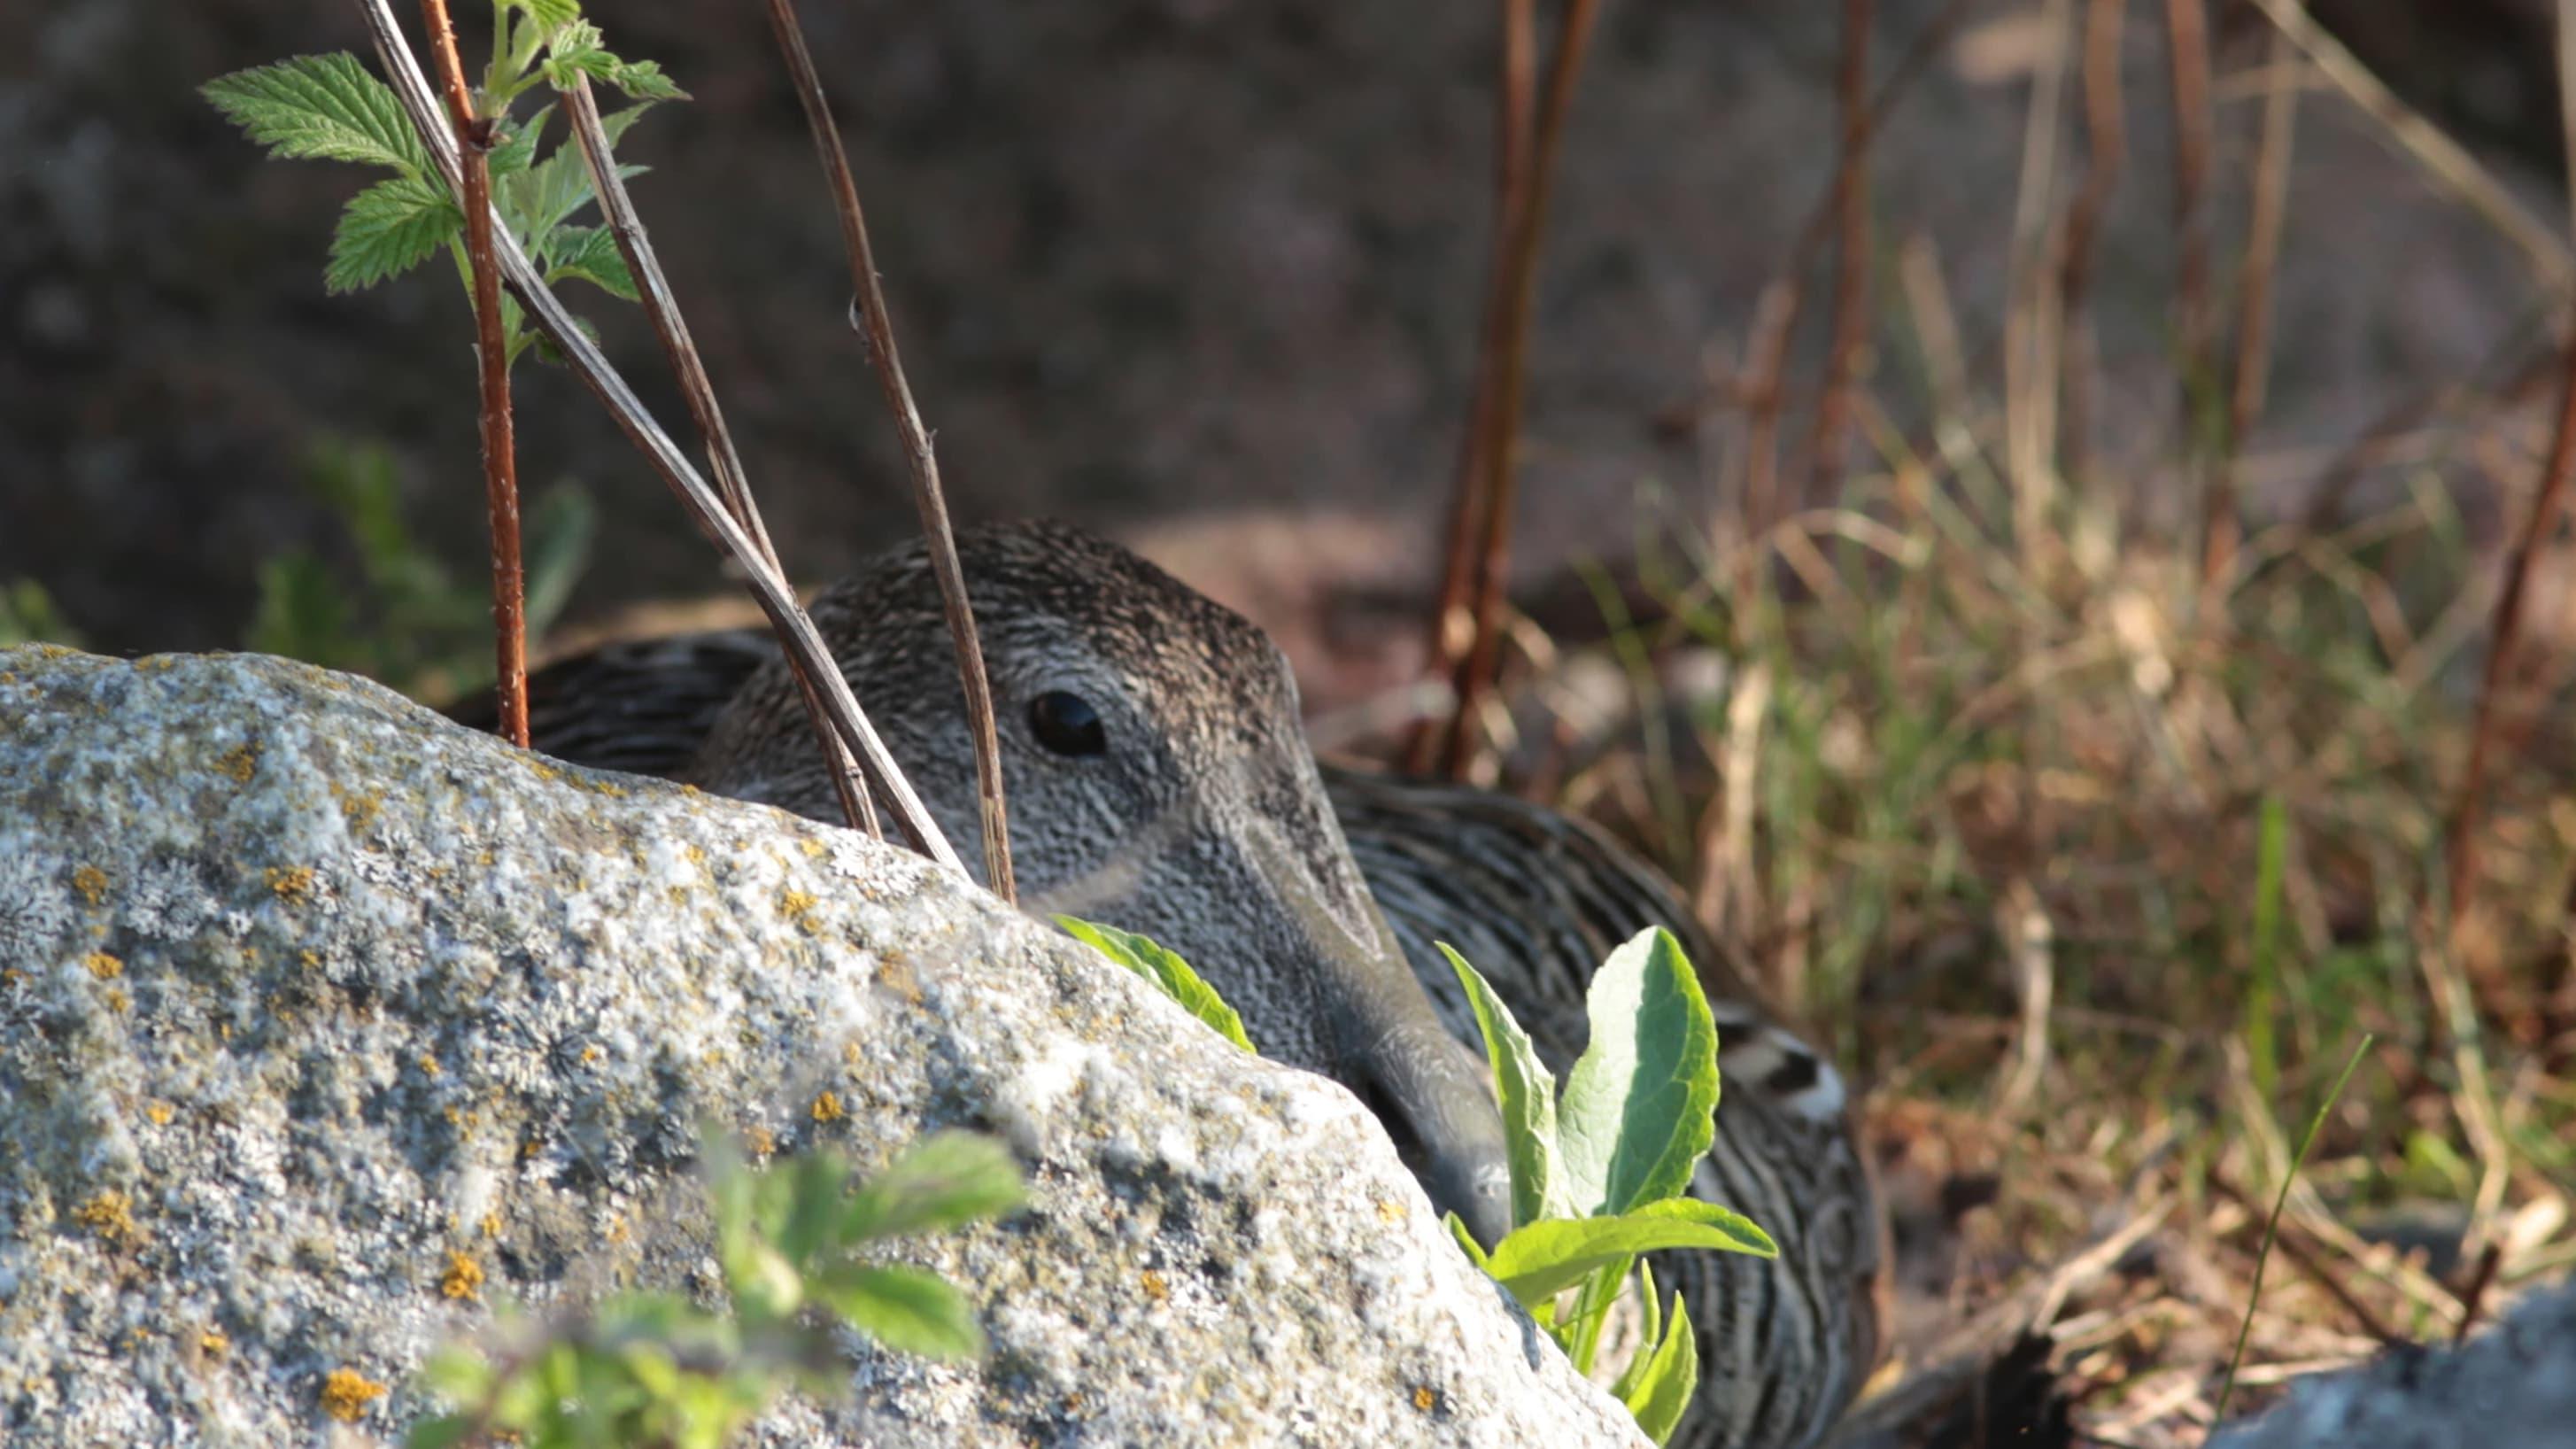 En ejderhona, åda, som gömmer sig bakom en sten. I förgrunden syns gräs.